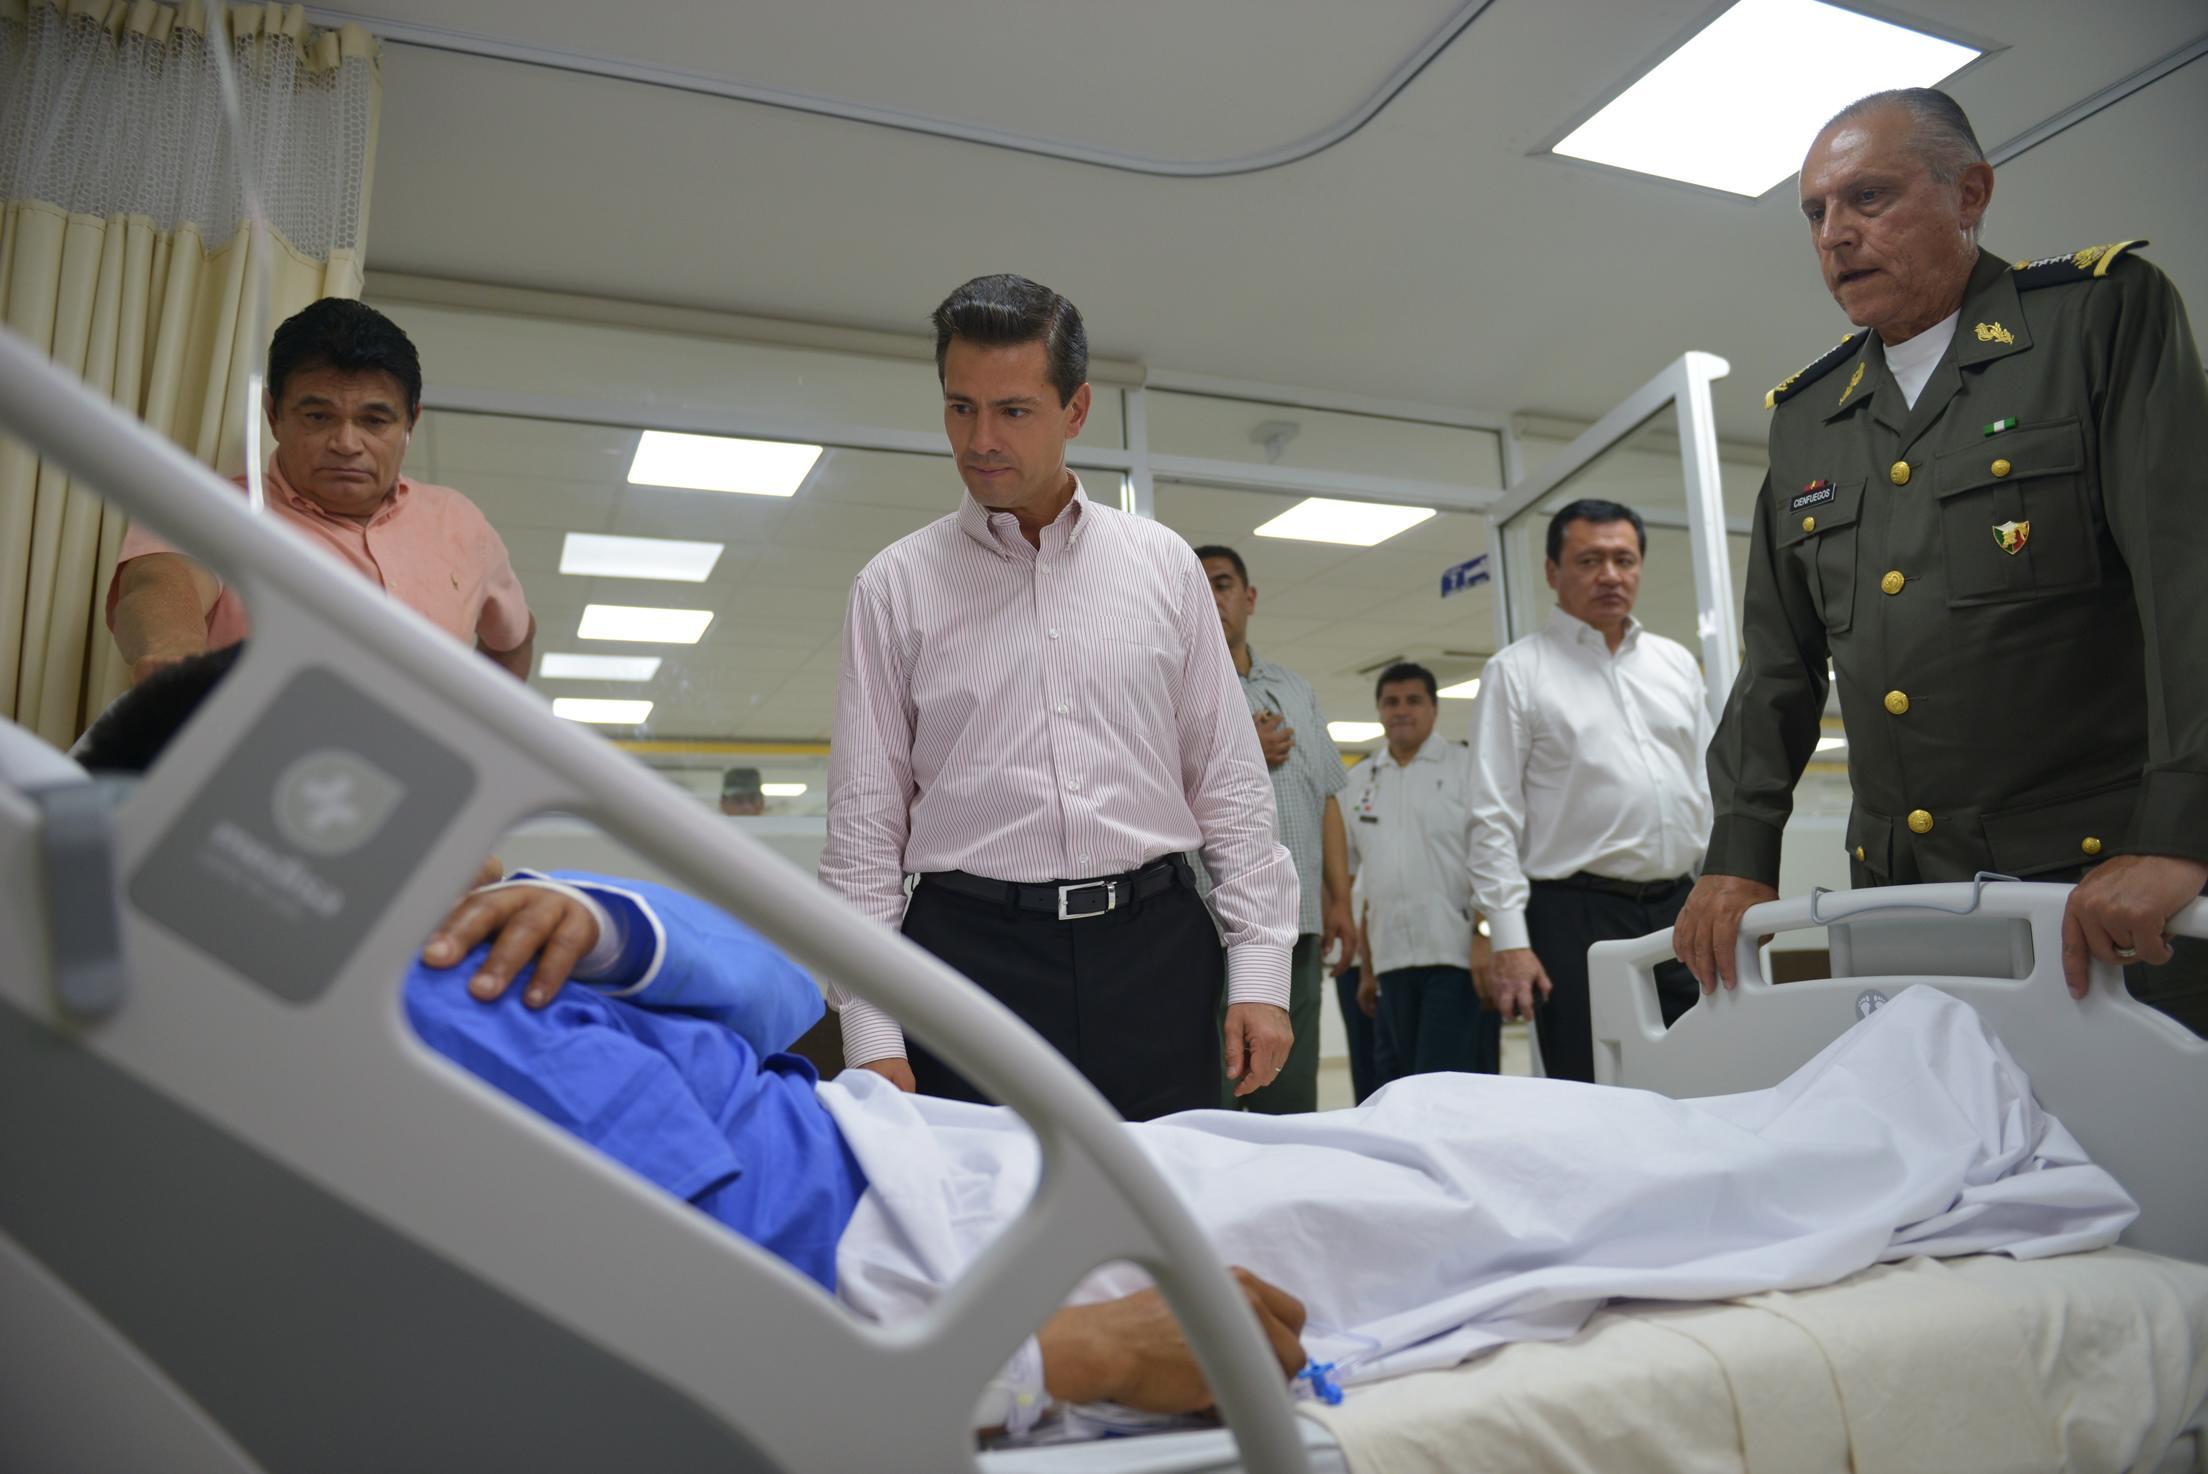 El Primer Mandatario recorrió las áreas de recuperación, terapia psicológica y terapia intensiva del Hospital, en donde se encuentran los soldados que resultaron lesionados.